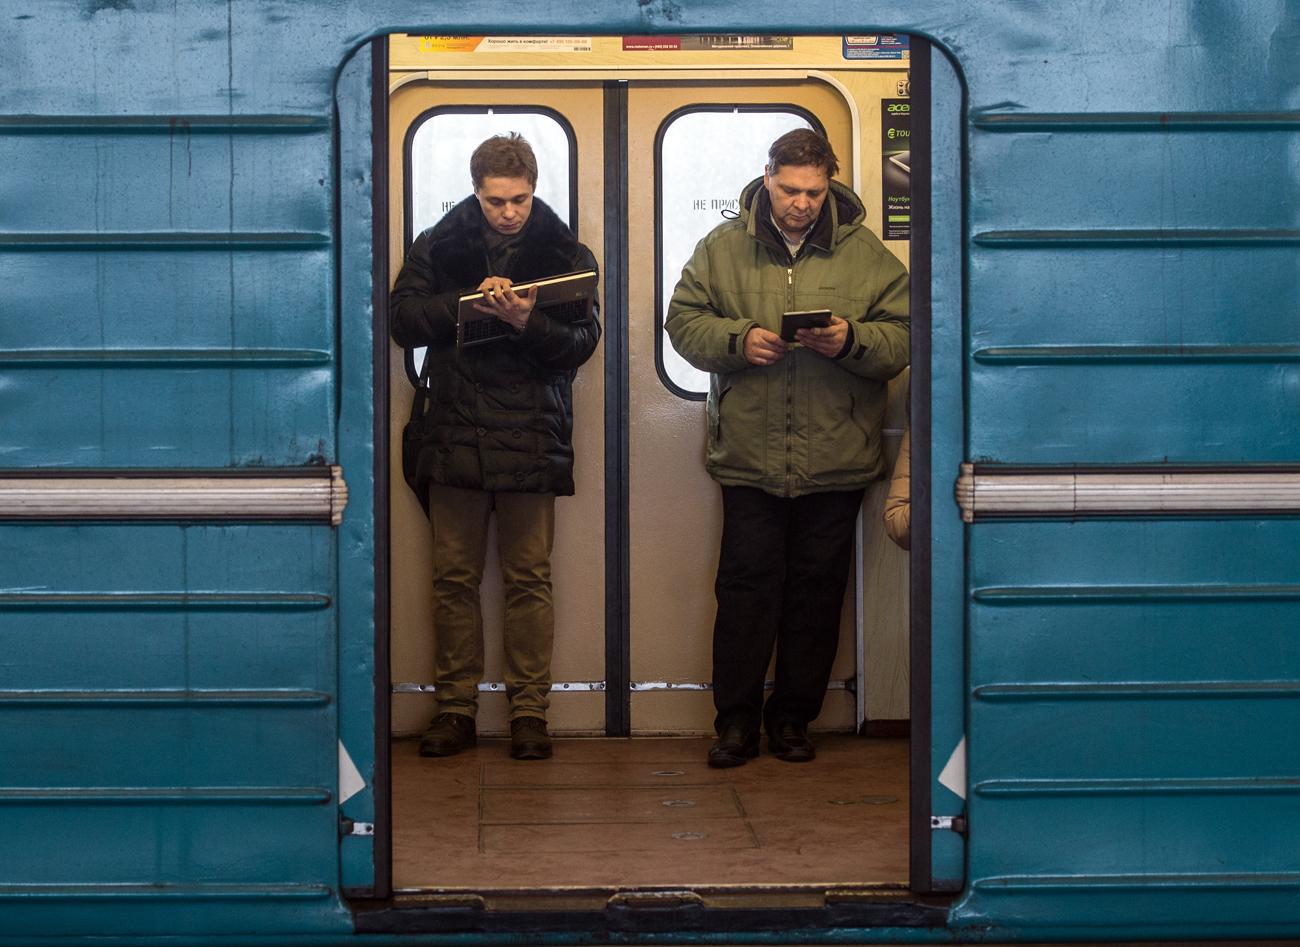 Passeggeri navigano su internet nella metro di Mosca, dove è presente un servizio di Wi-Fi gratuito.